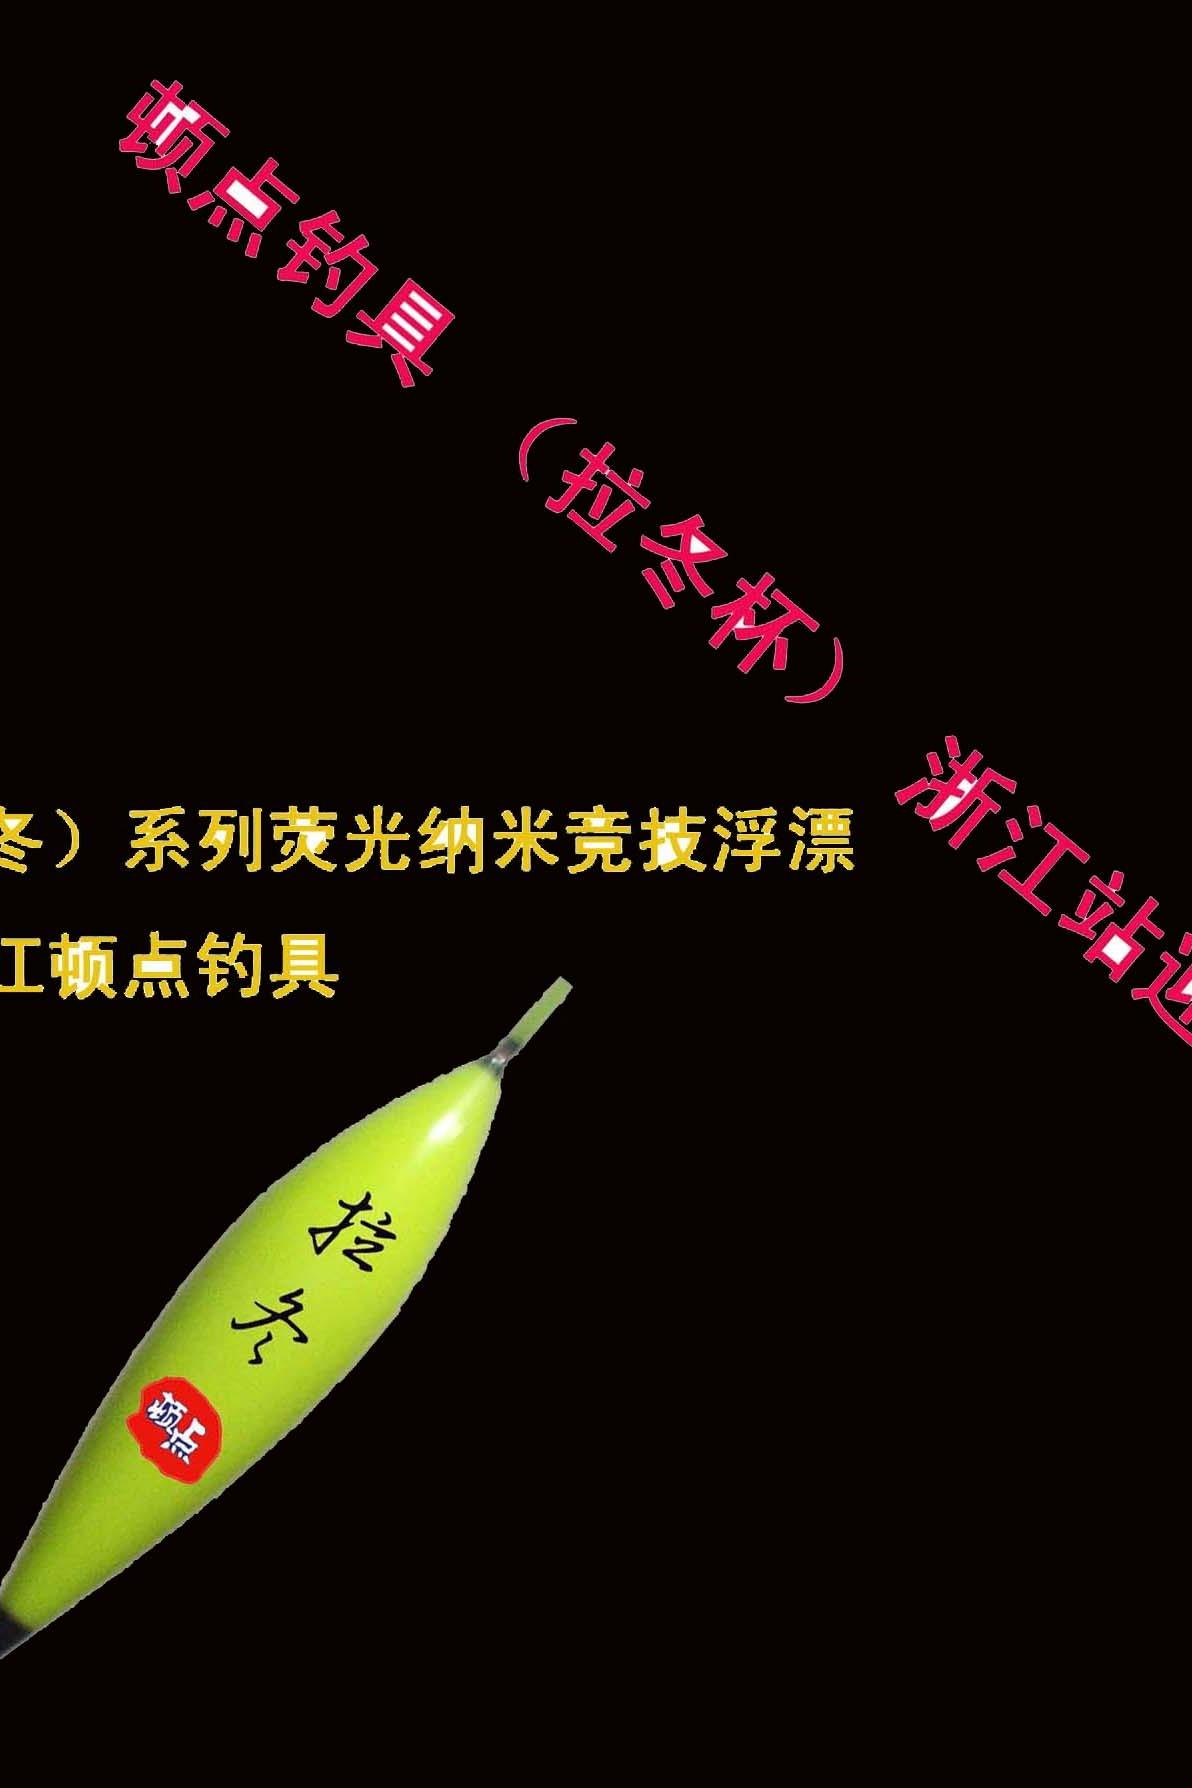 顿点钓具(拉冬杯)浙江站迎新春钓鱼比赛